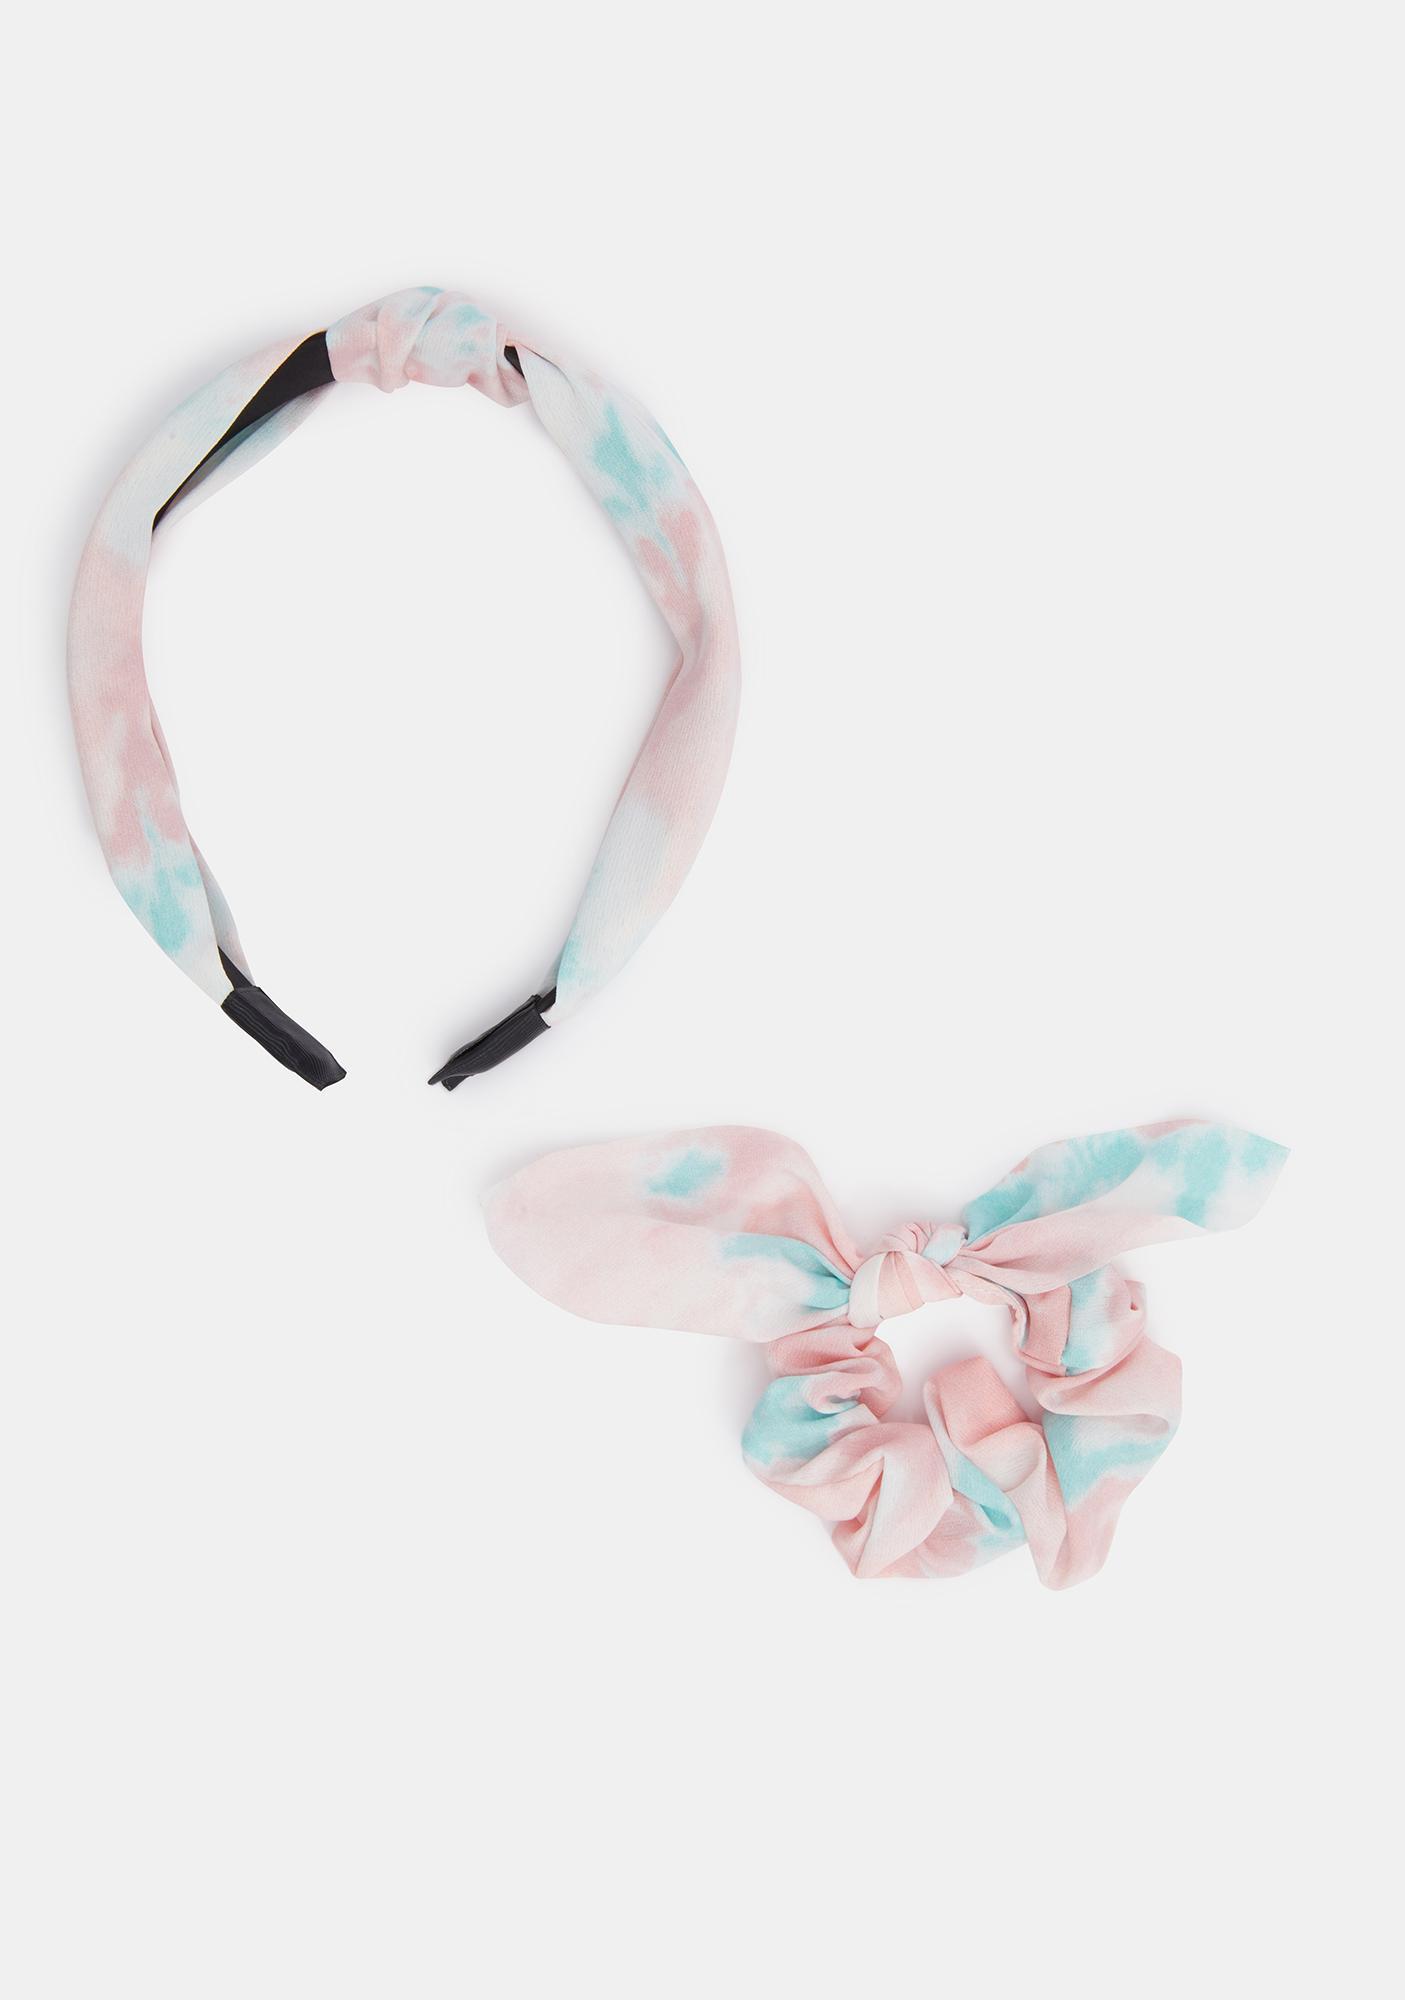 Delicate Tie Dye Headband Set